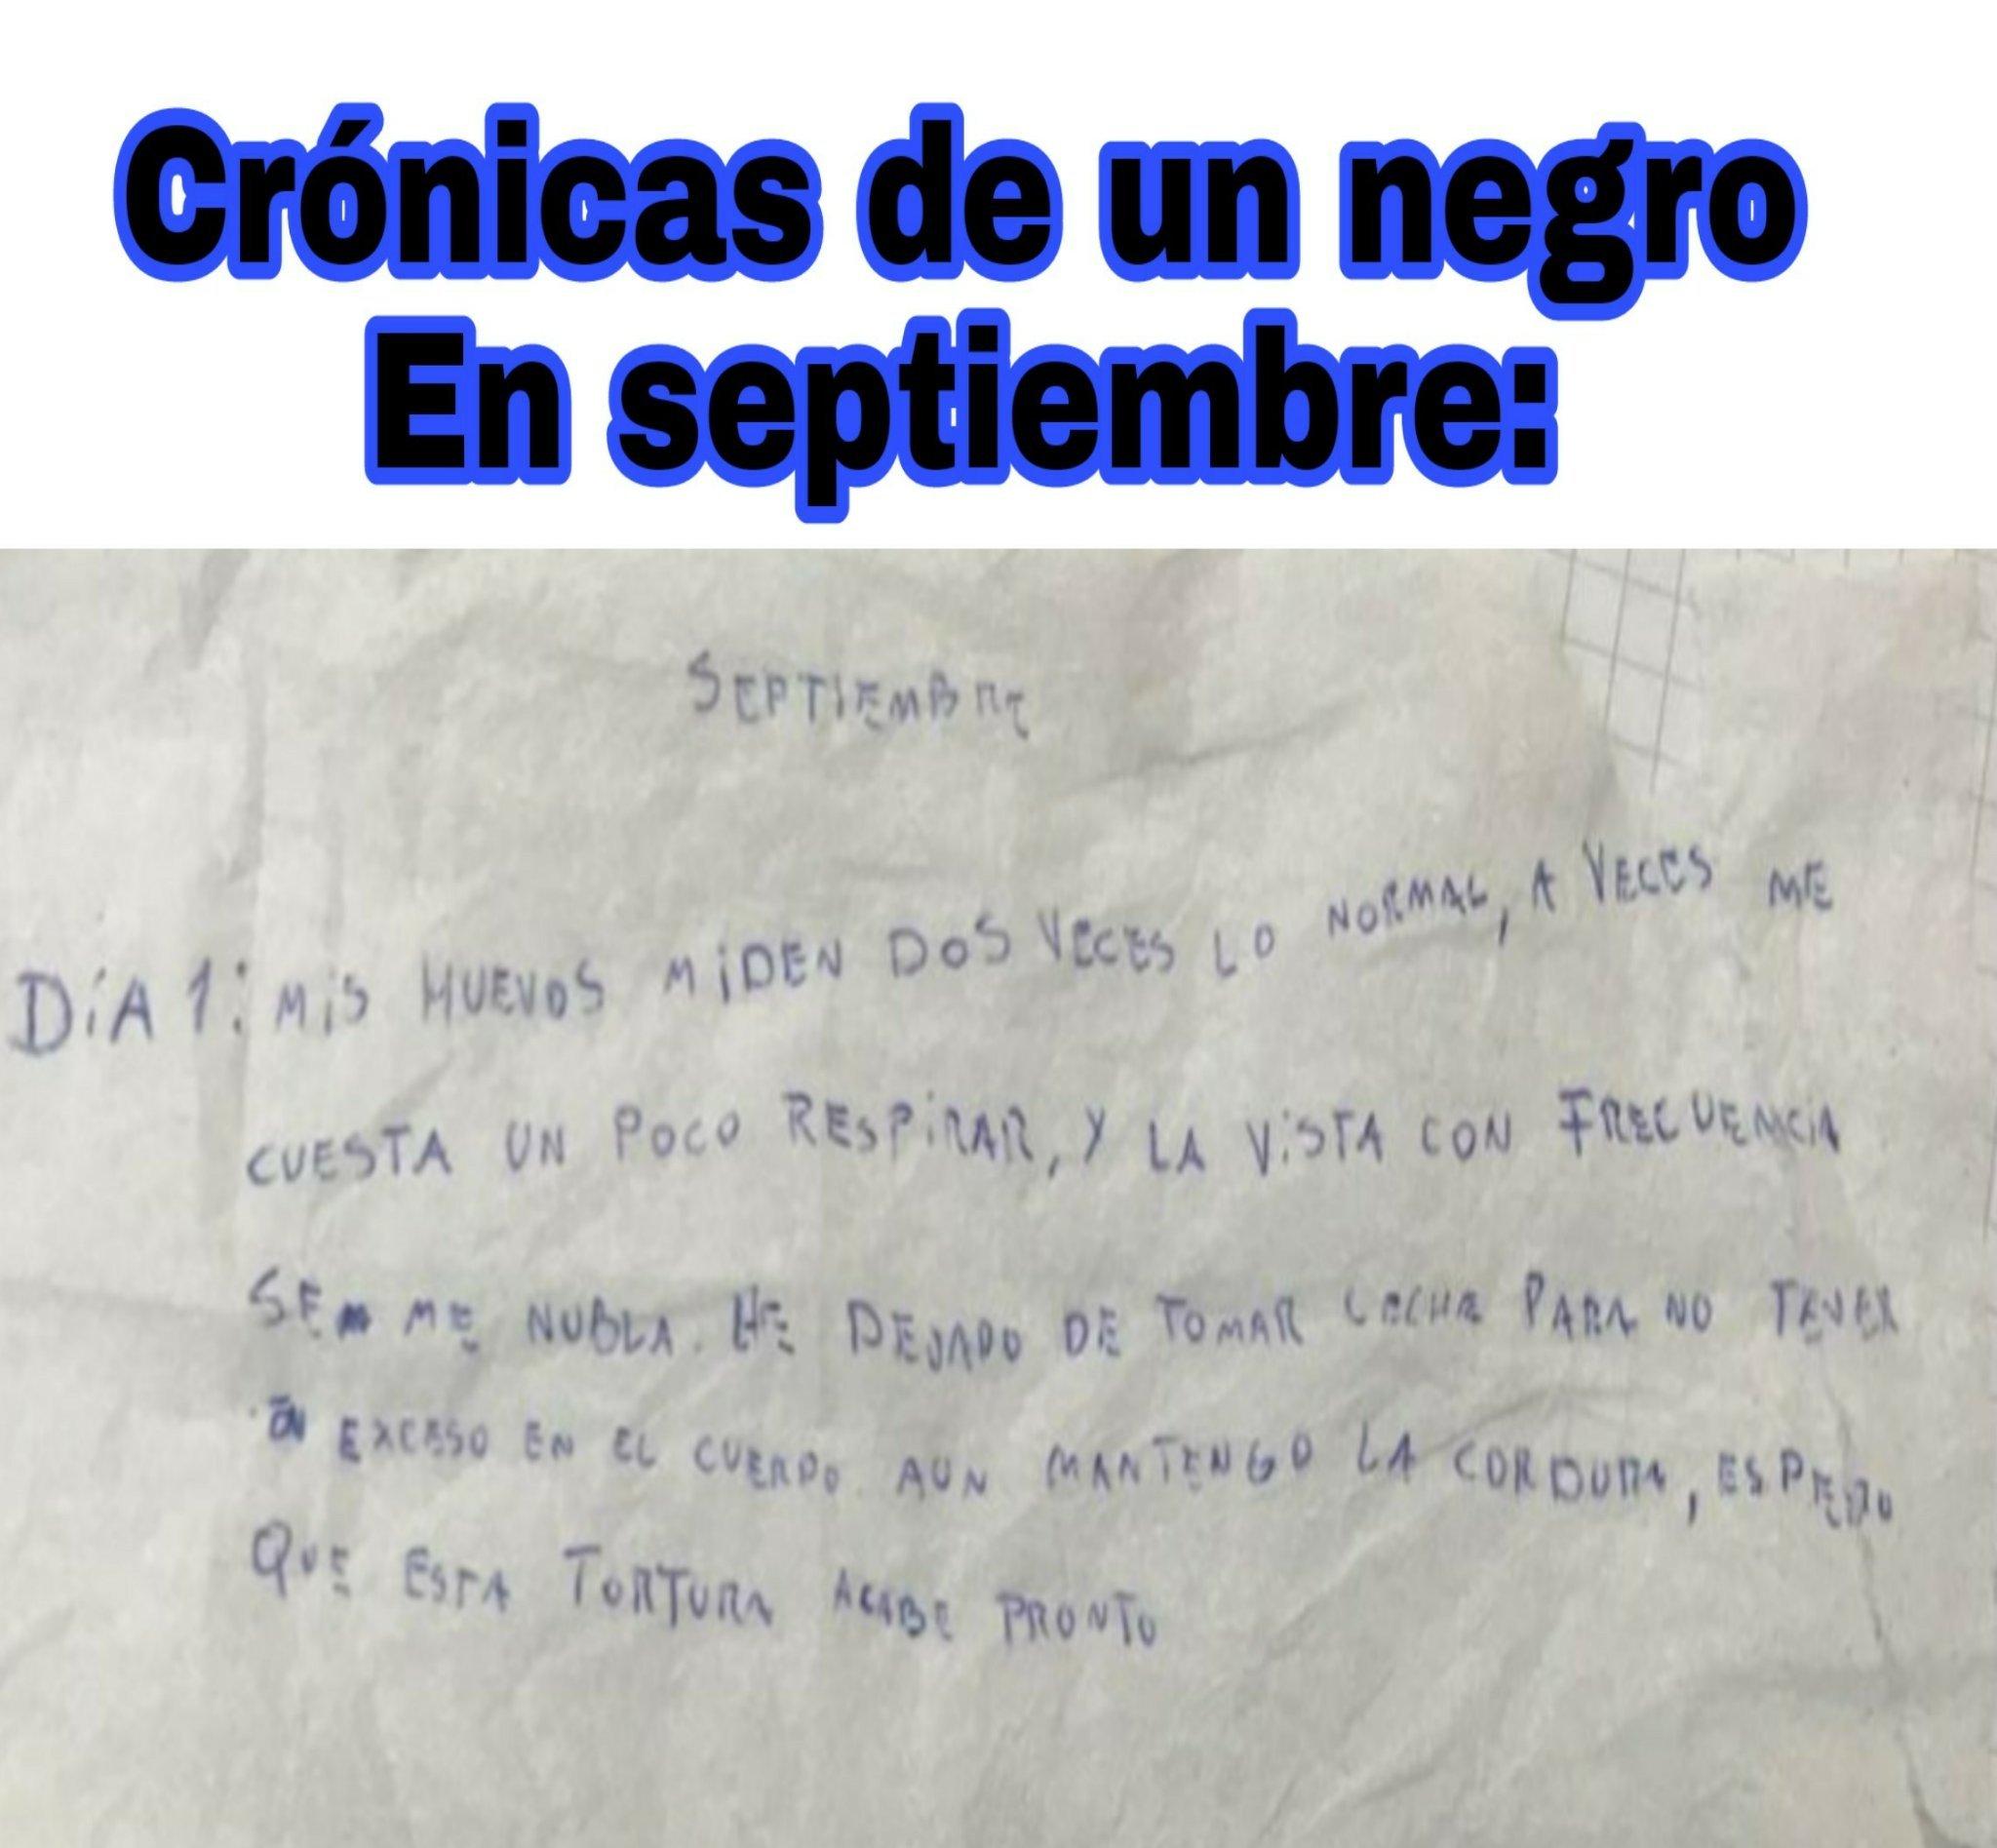 Crónicas negras - meme